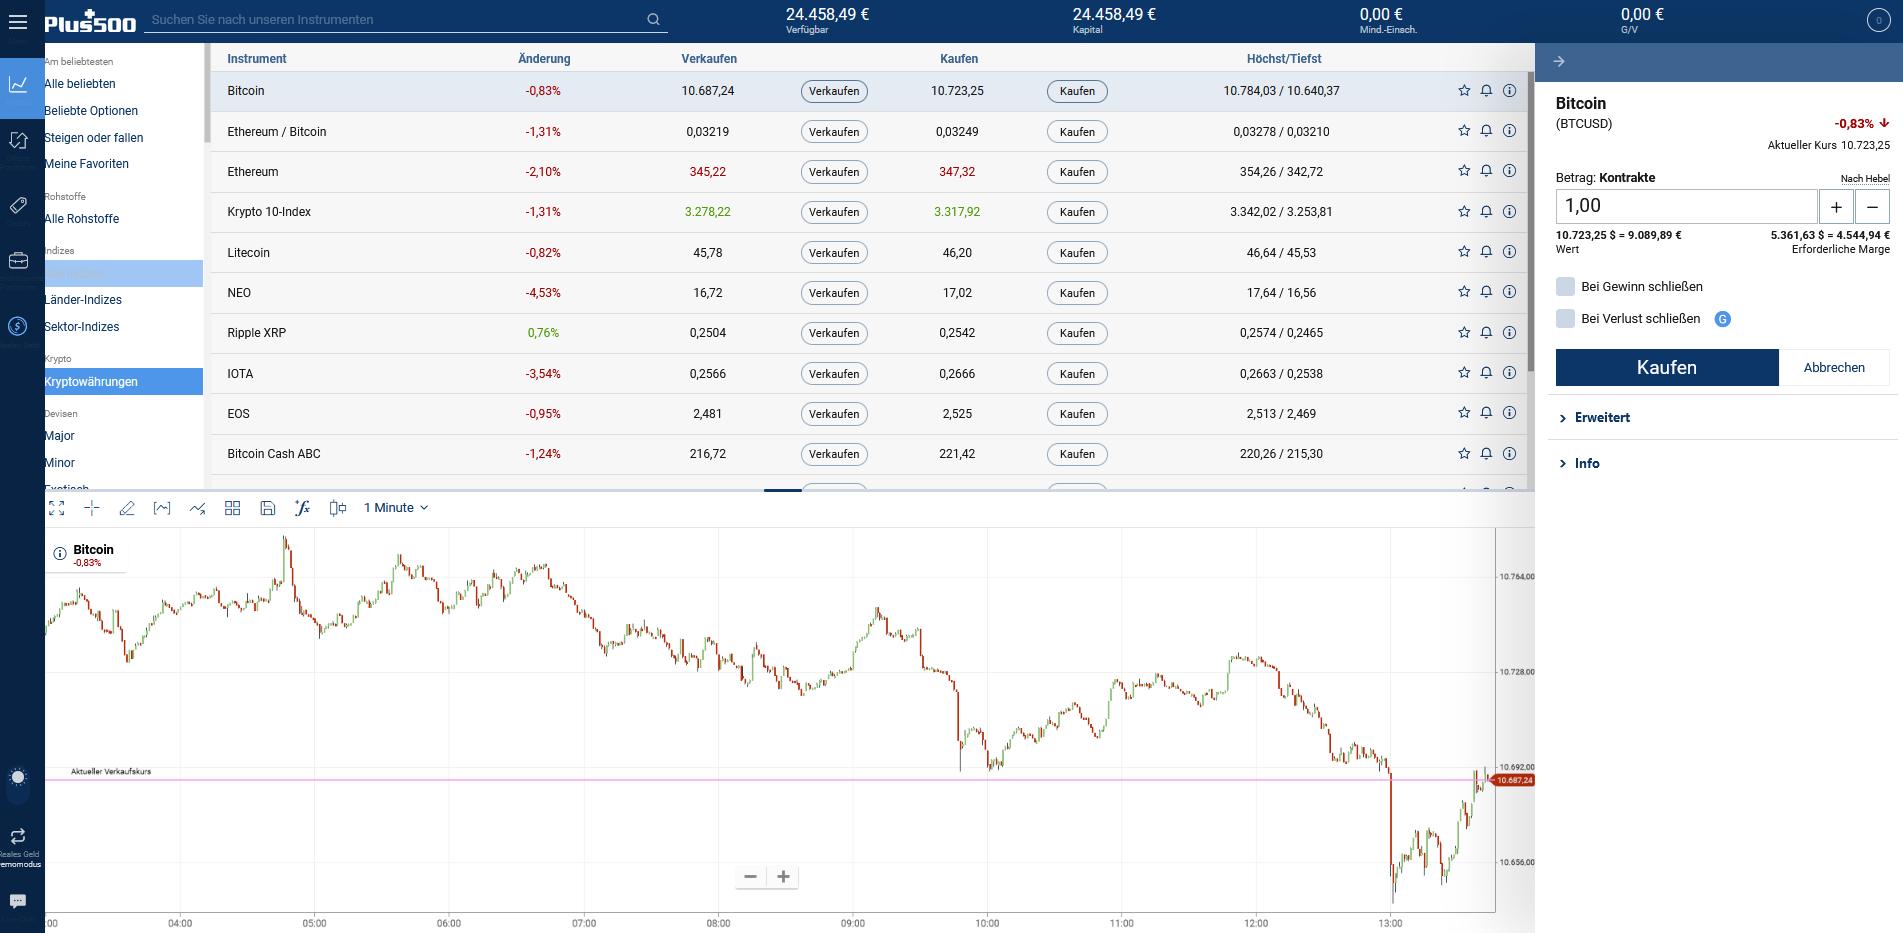 Bitcoin kaufen Sofortüberweisung